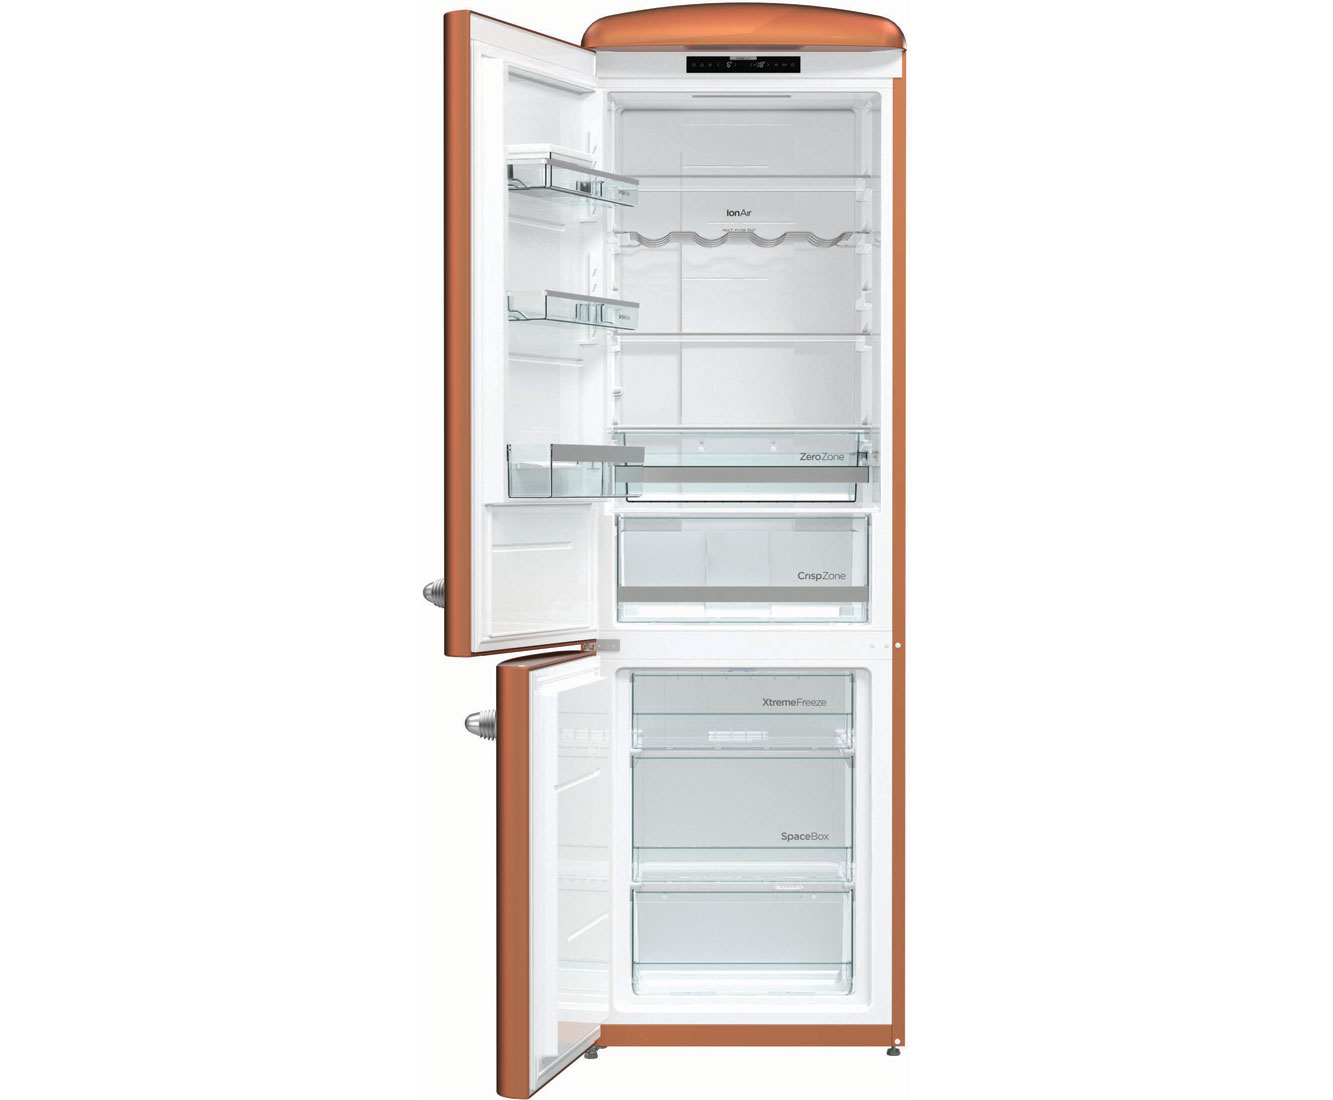 Gorenje Kühlschrank Rk 61620 X : Rabatt preisvergleich.de kühlen & gefrieren u003e kühl gefrierkombination